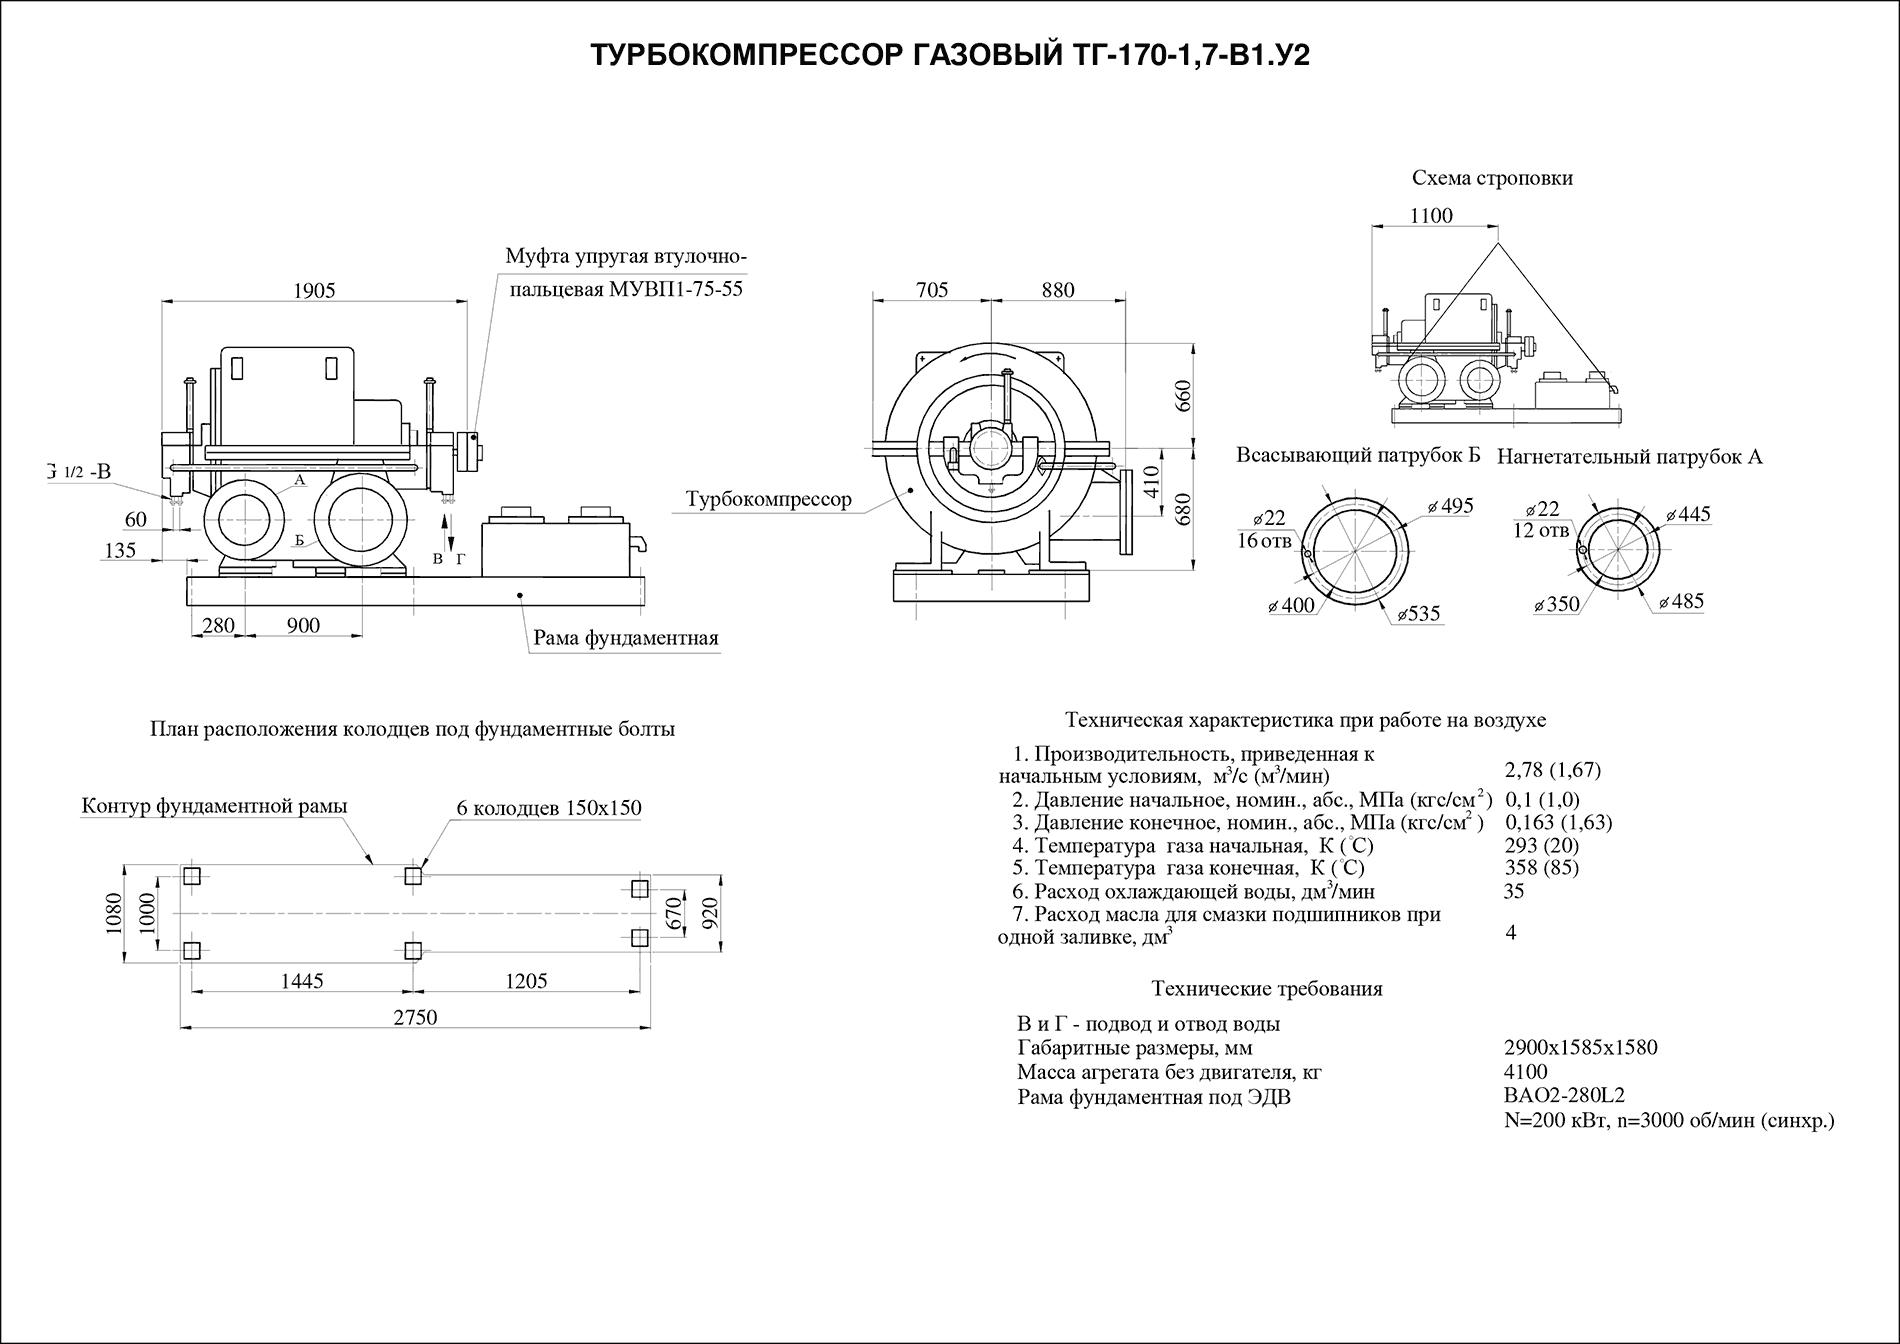 Турбокомпрессор многоступенчатый газовый ТГ-170-1,7-В1У2